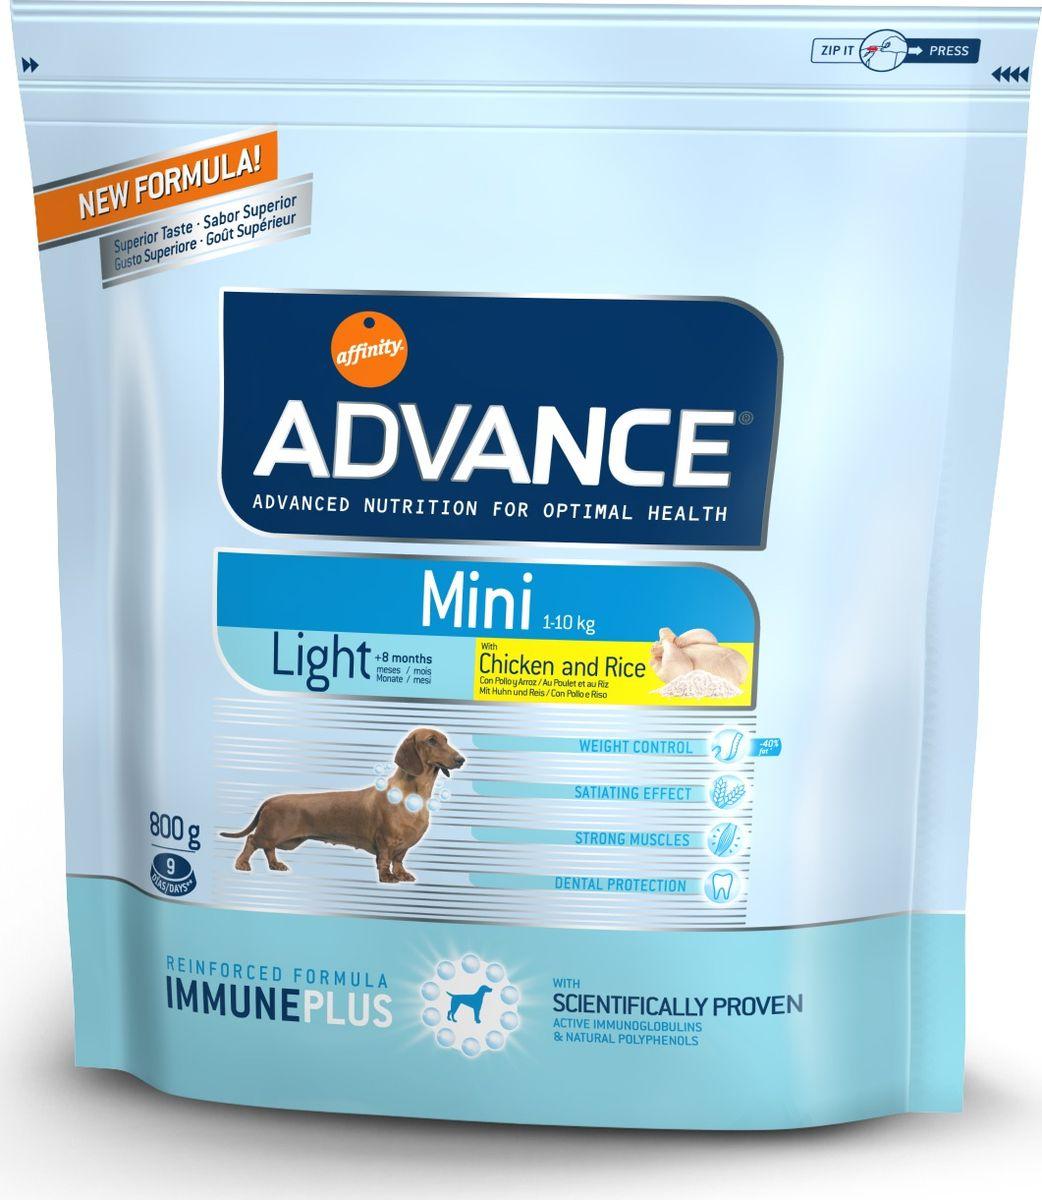 Корму сухой Advance Контроль веса для собак малых пород Mini Light, 0,8 кг. 5461190120710Advance – высококачественный корм супер-премиум класса Испанской компании Affinity Petcare, которая занимает лидирующие места на Европейском и мировом рынках. Корм разработан с учетом всех особенностей развития и жизнедеятельности собак и кошек. В линейке кормов Advance любой хозяин может подобрать необходимое питание в соответствии с возрастом и уникальными особенностями своего животного, а также в случае назначения специалистами ветеринарной диеты. Курица (15%), пшеница, рис (12%), мука из пшеницы,маисовый глютен,дегидрированное мясо курицы, гидролизированный белок животного происхождения, маис, свекольный жом, дегидрированный белок свинины,кукурузные отруби, животный жир, дрожжи, рыбий жир, растительные волокна, хлористый калий, плазменный протеин, карбонат кальция, пирофосфорнокислый натрий, соль,монокальцийфосфат,природные полифенолы.Affinity Petcare имеет собственную лабораторию, а также сотрудничает со множеством международных исследовательских центров, благодаря чему специалисты постоянно совершенствуют рецептуру и полезные свойства своих кормов.В составе главным источником белка является СВЕЖЕЕ мясо, благодаря которому корм обладает высокими вкусовыми качествами, а также высокой питательной ценностью.